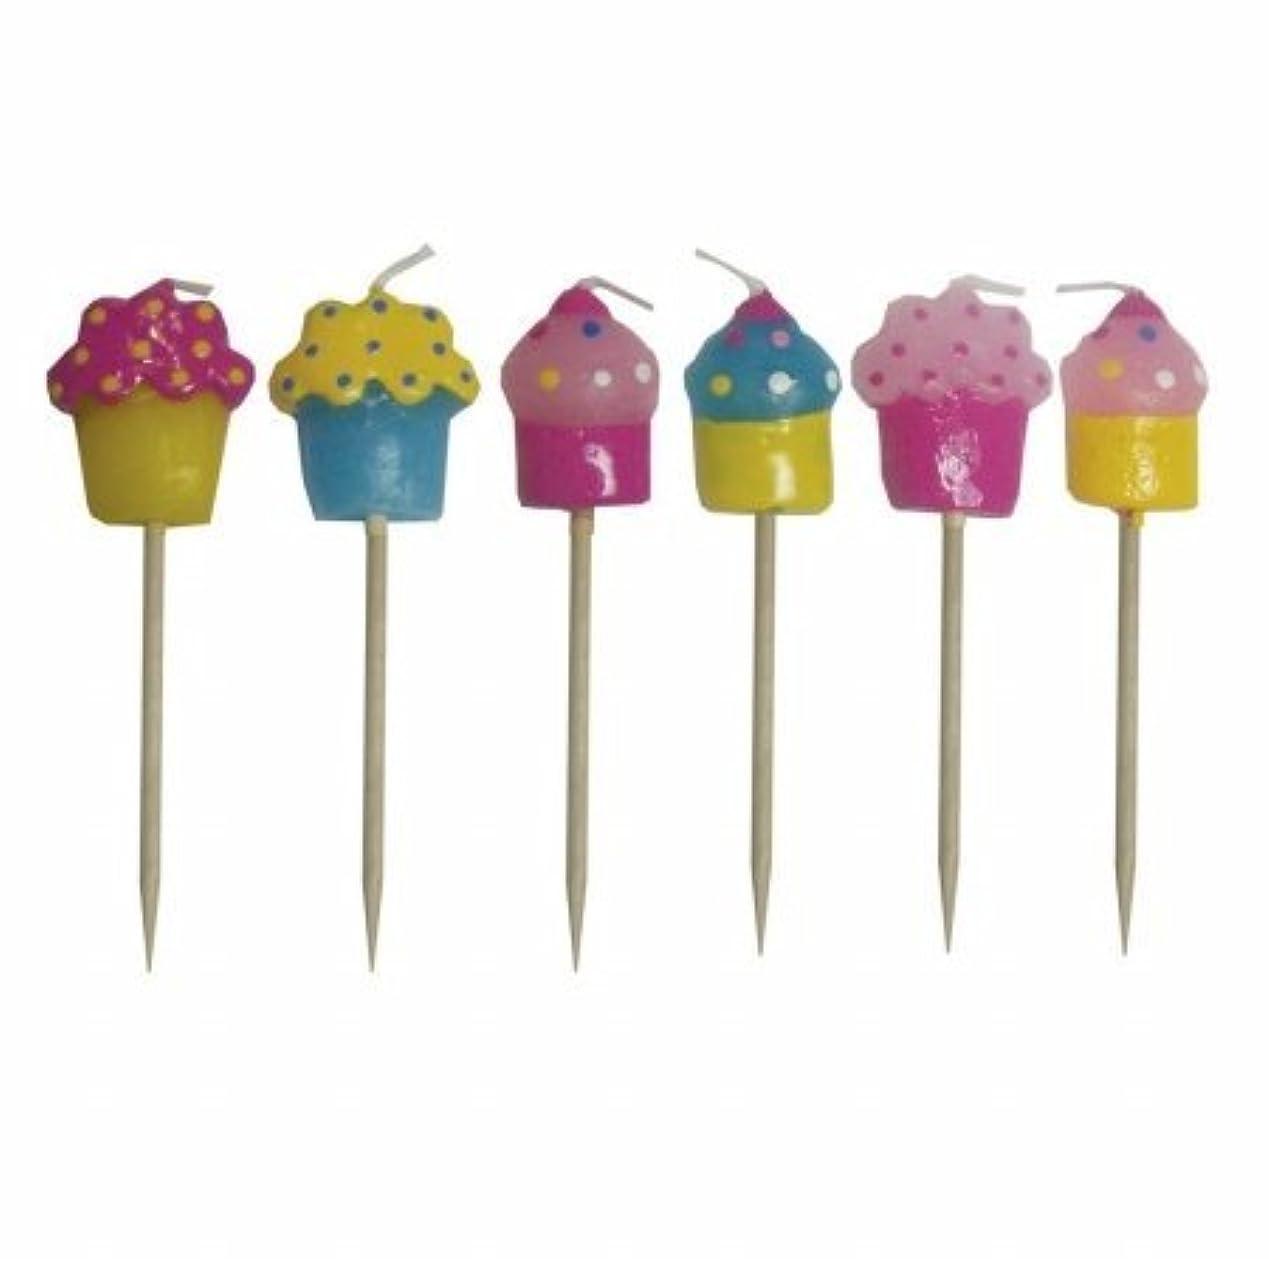 シェード切る電極Sassafras Enterprises 2300CUP Cupcake Candles